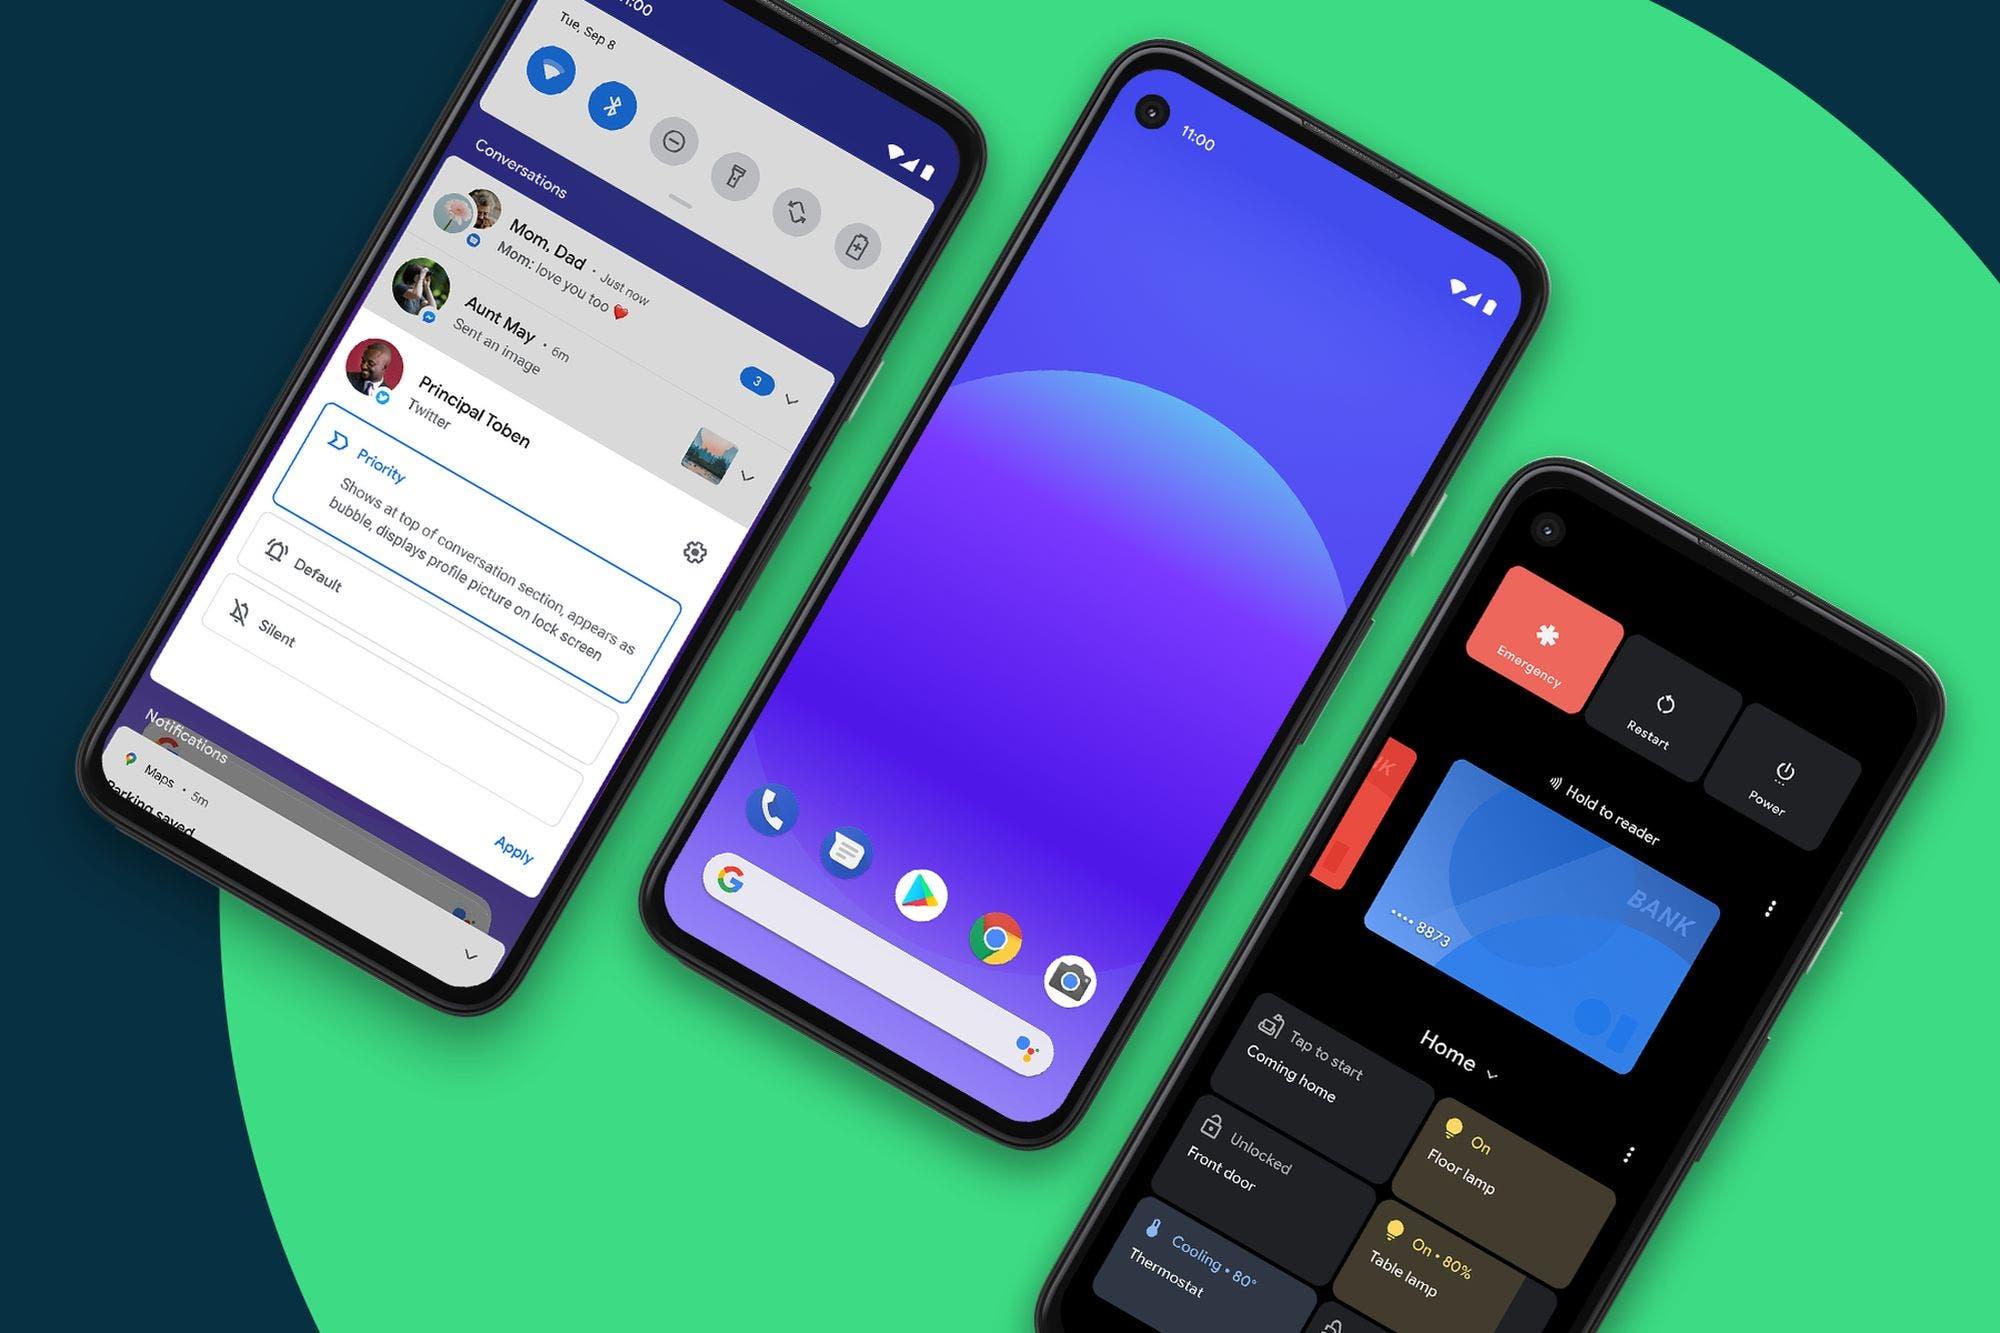 Android 11: llega la nueva versión, con foco en la privacidad y el chat universal